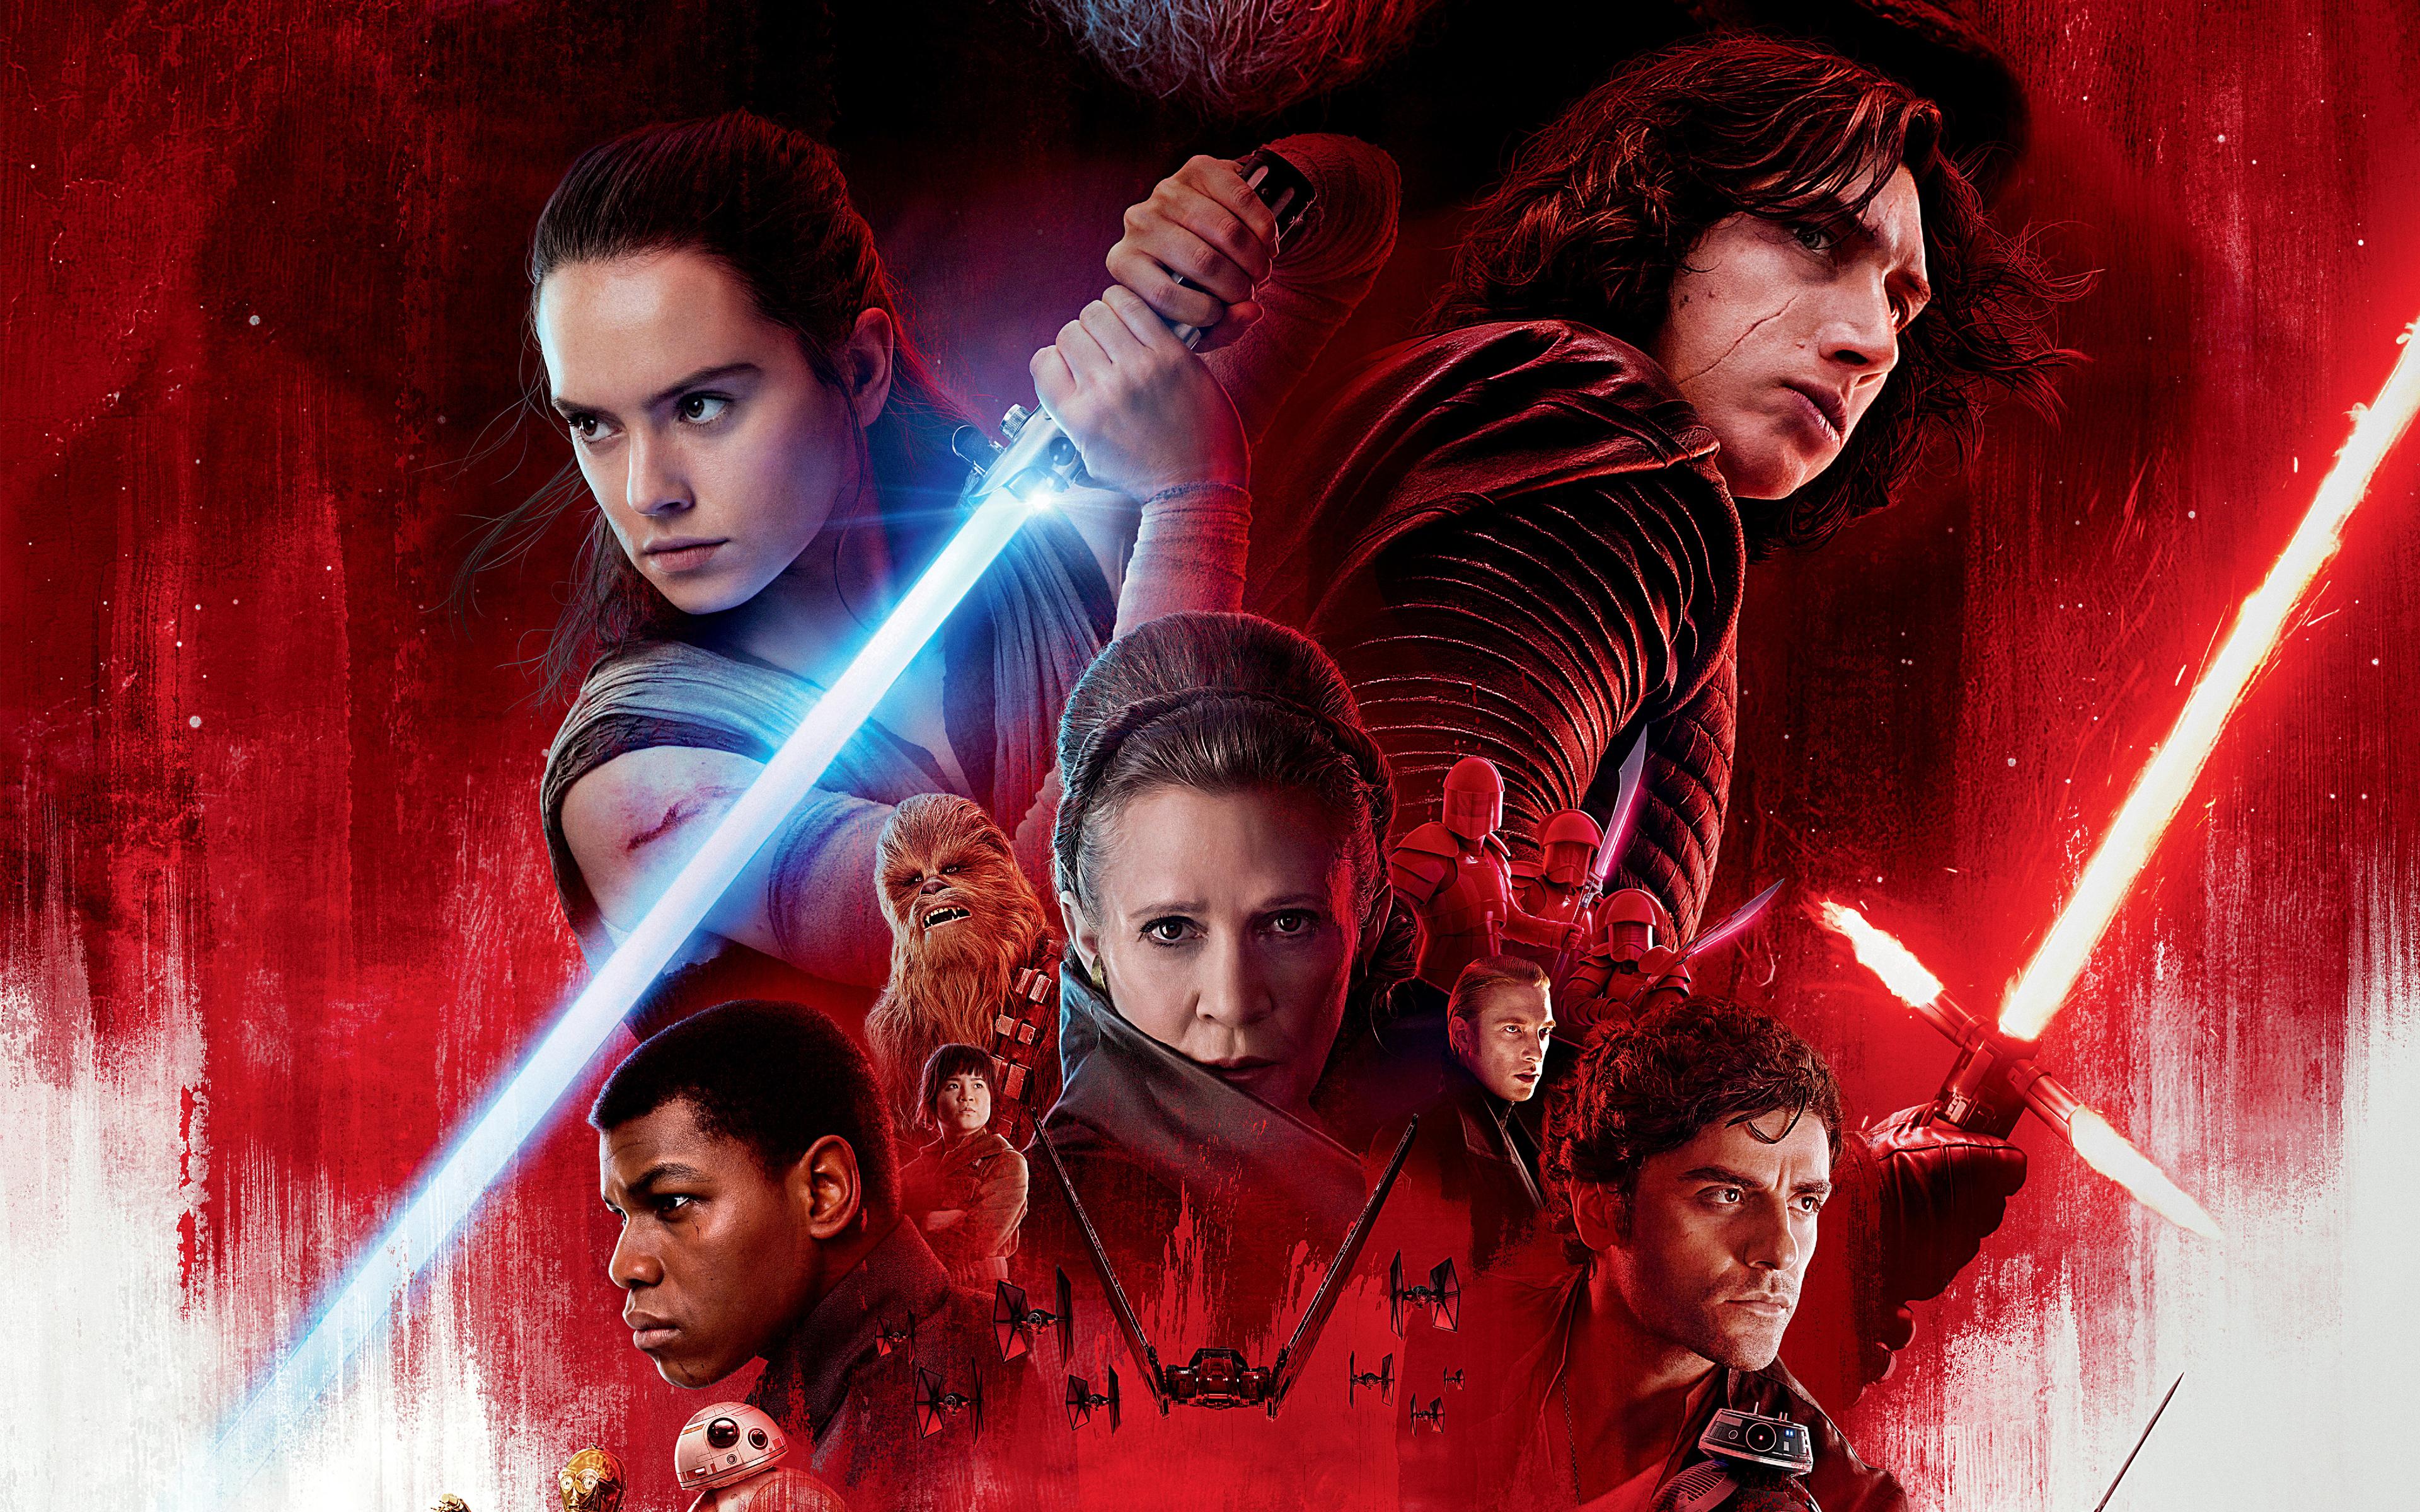 star wars the last jedi movie wallpaper 62380